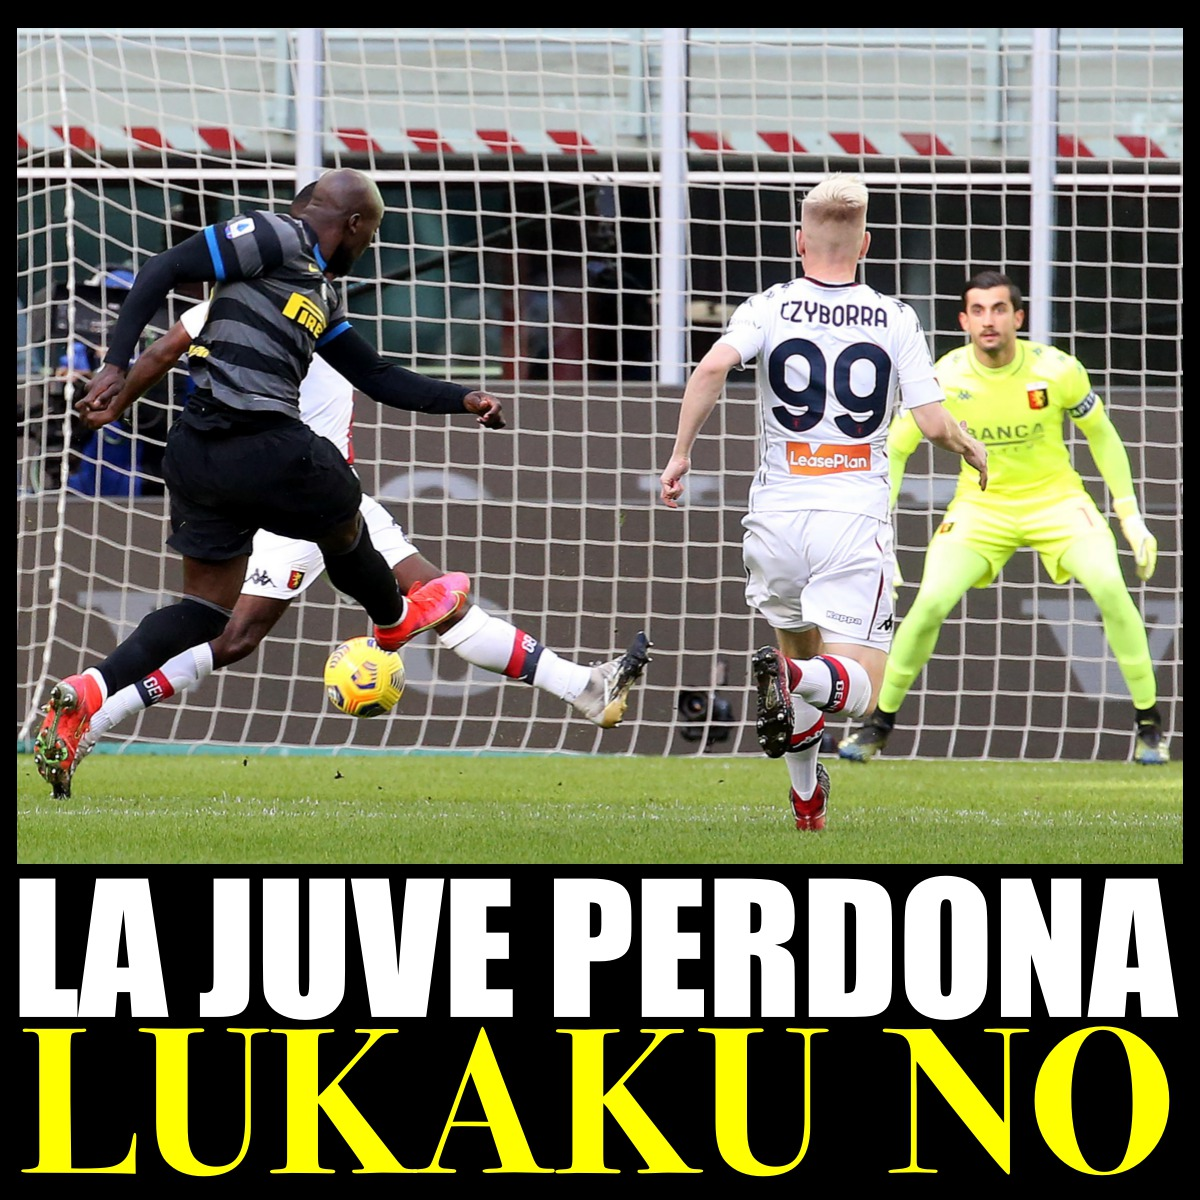 #Lukaku